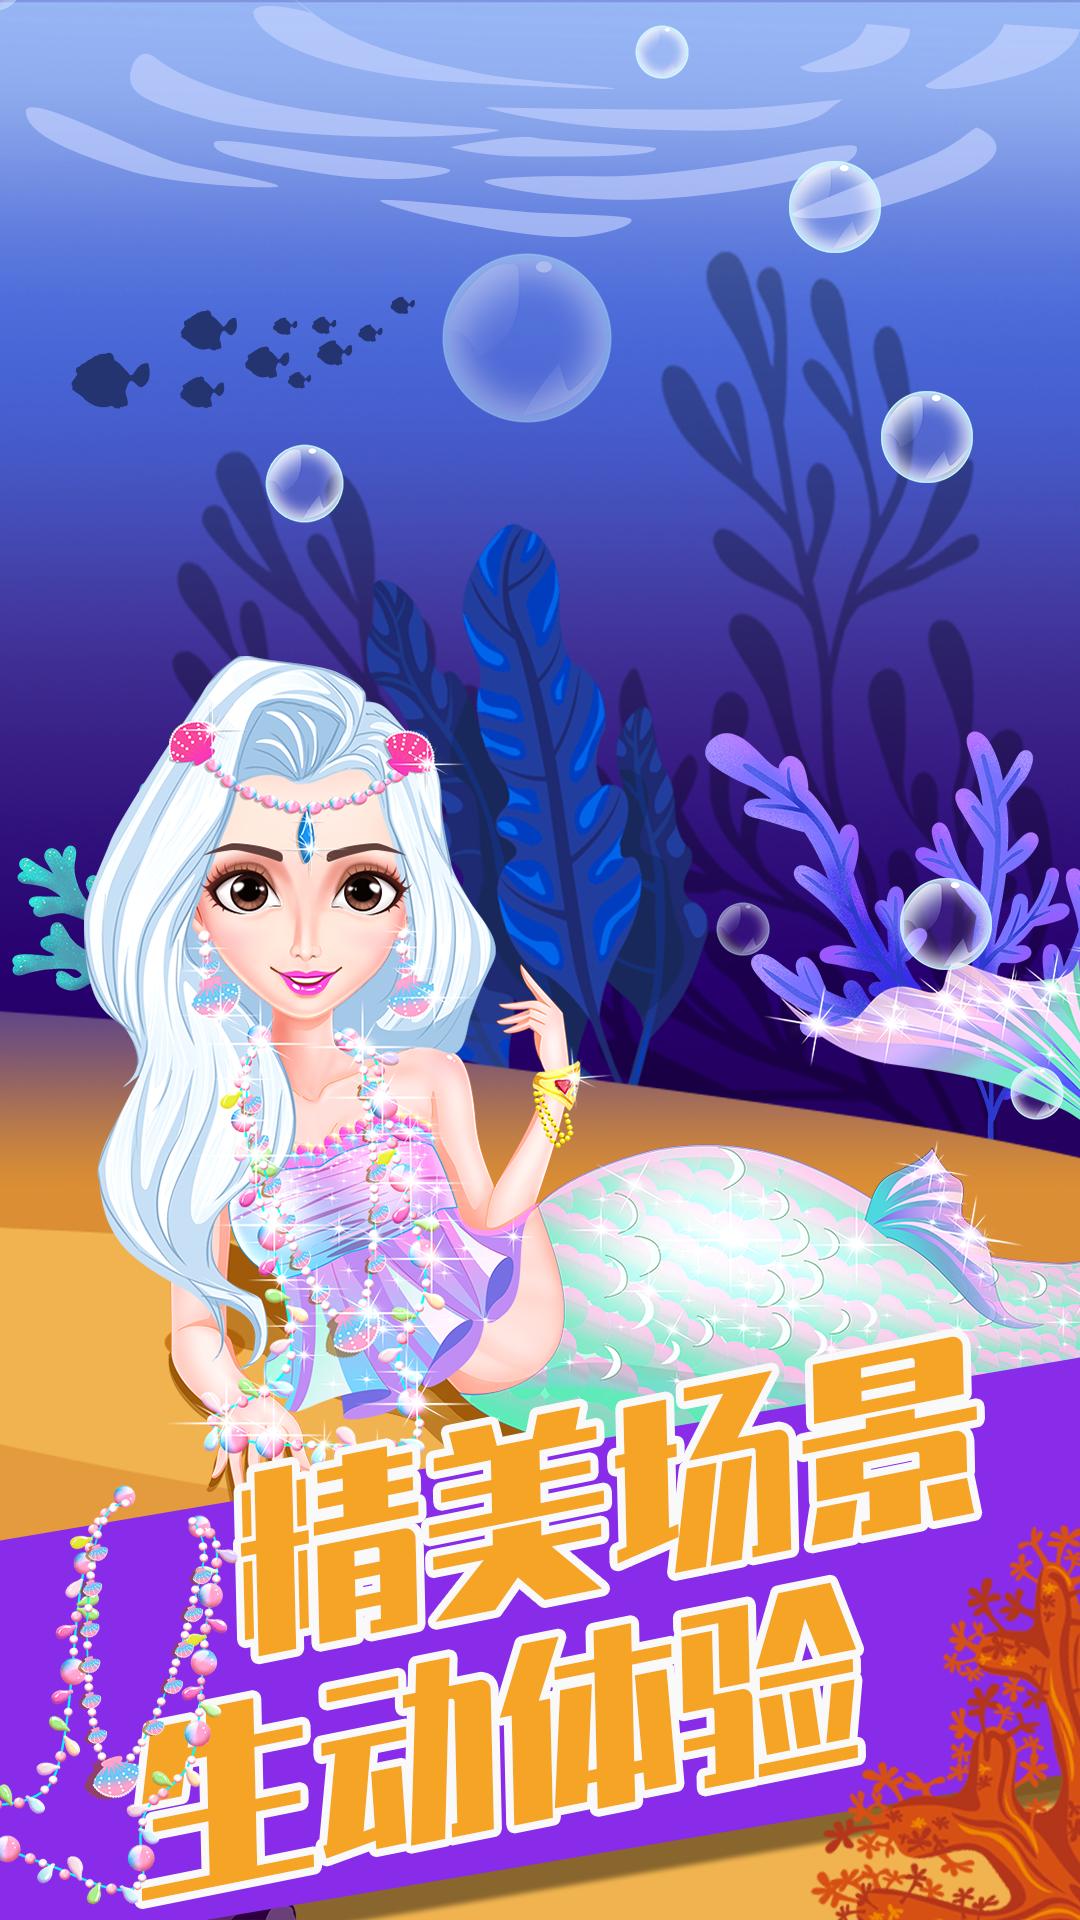 美人鱼小公主